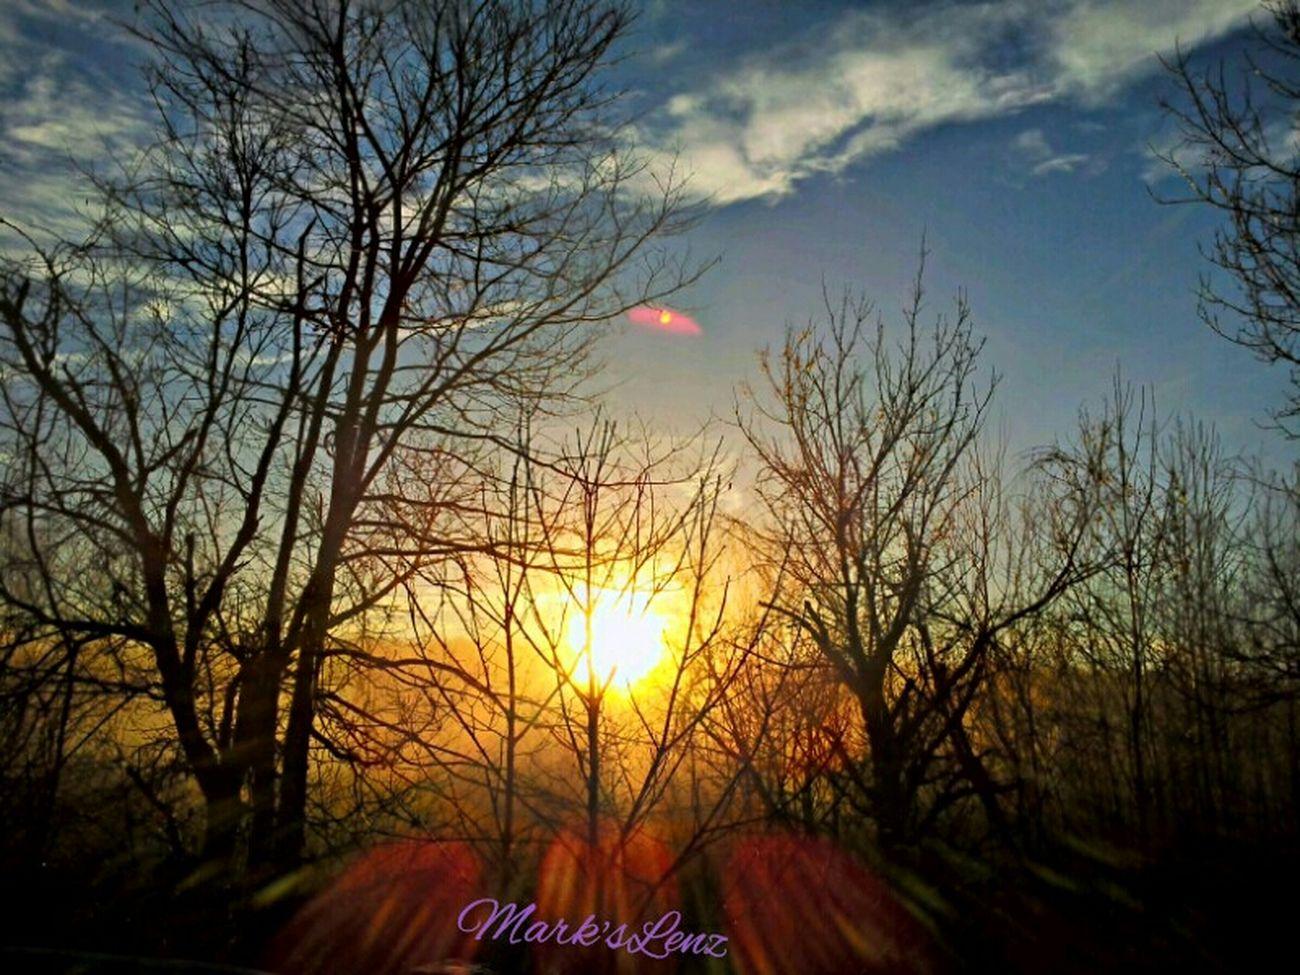 Misty Morning Sunrise Sunshine Sunrise Trees Taking Photos Fotodroiding Andrography Mist Photography Outdoors Droidography Fotodroids Phoneography Andrographer Droidographer Nature